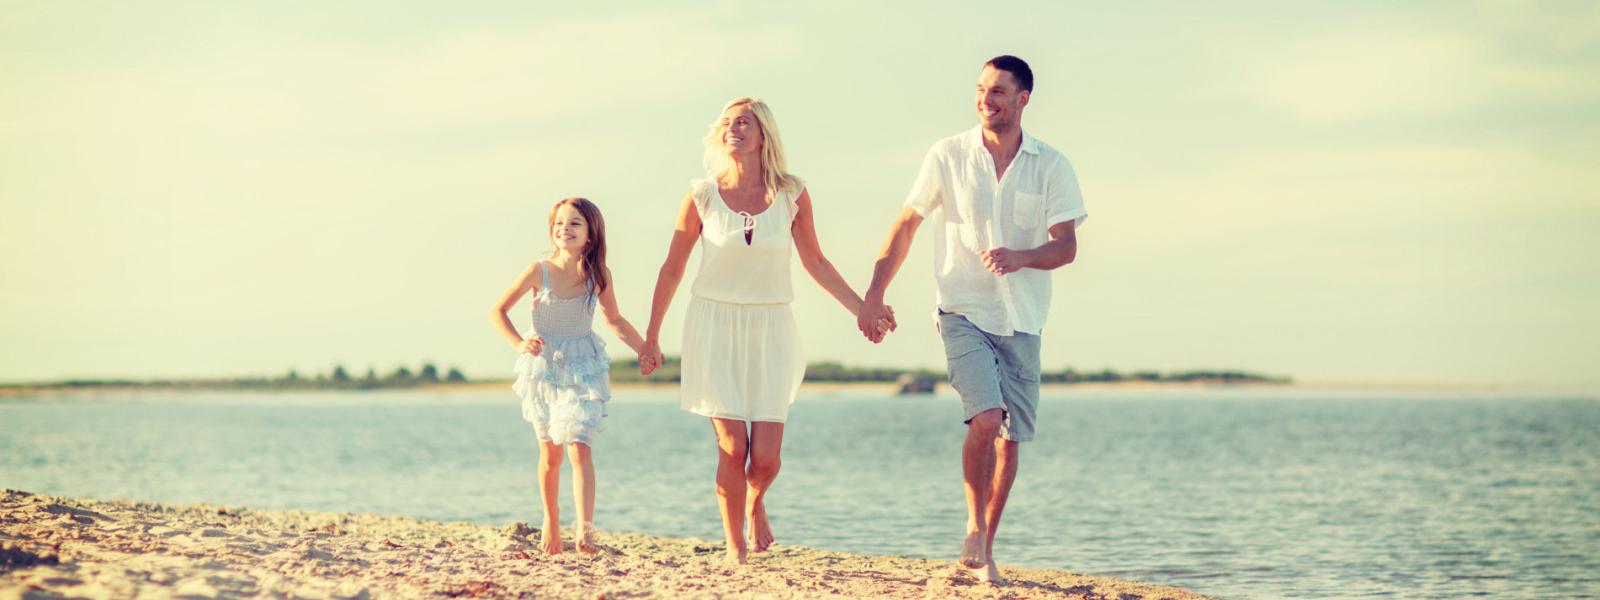 family-beach-e1423452344142